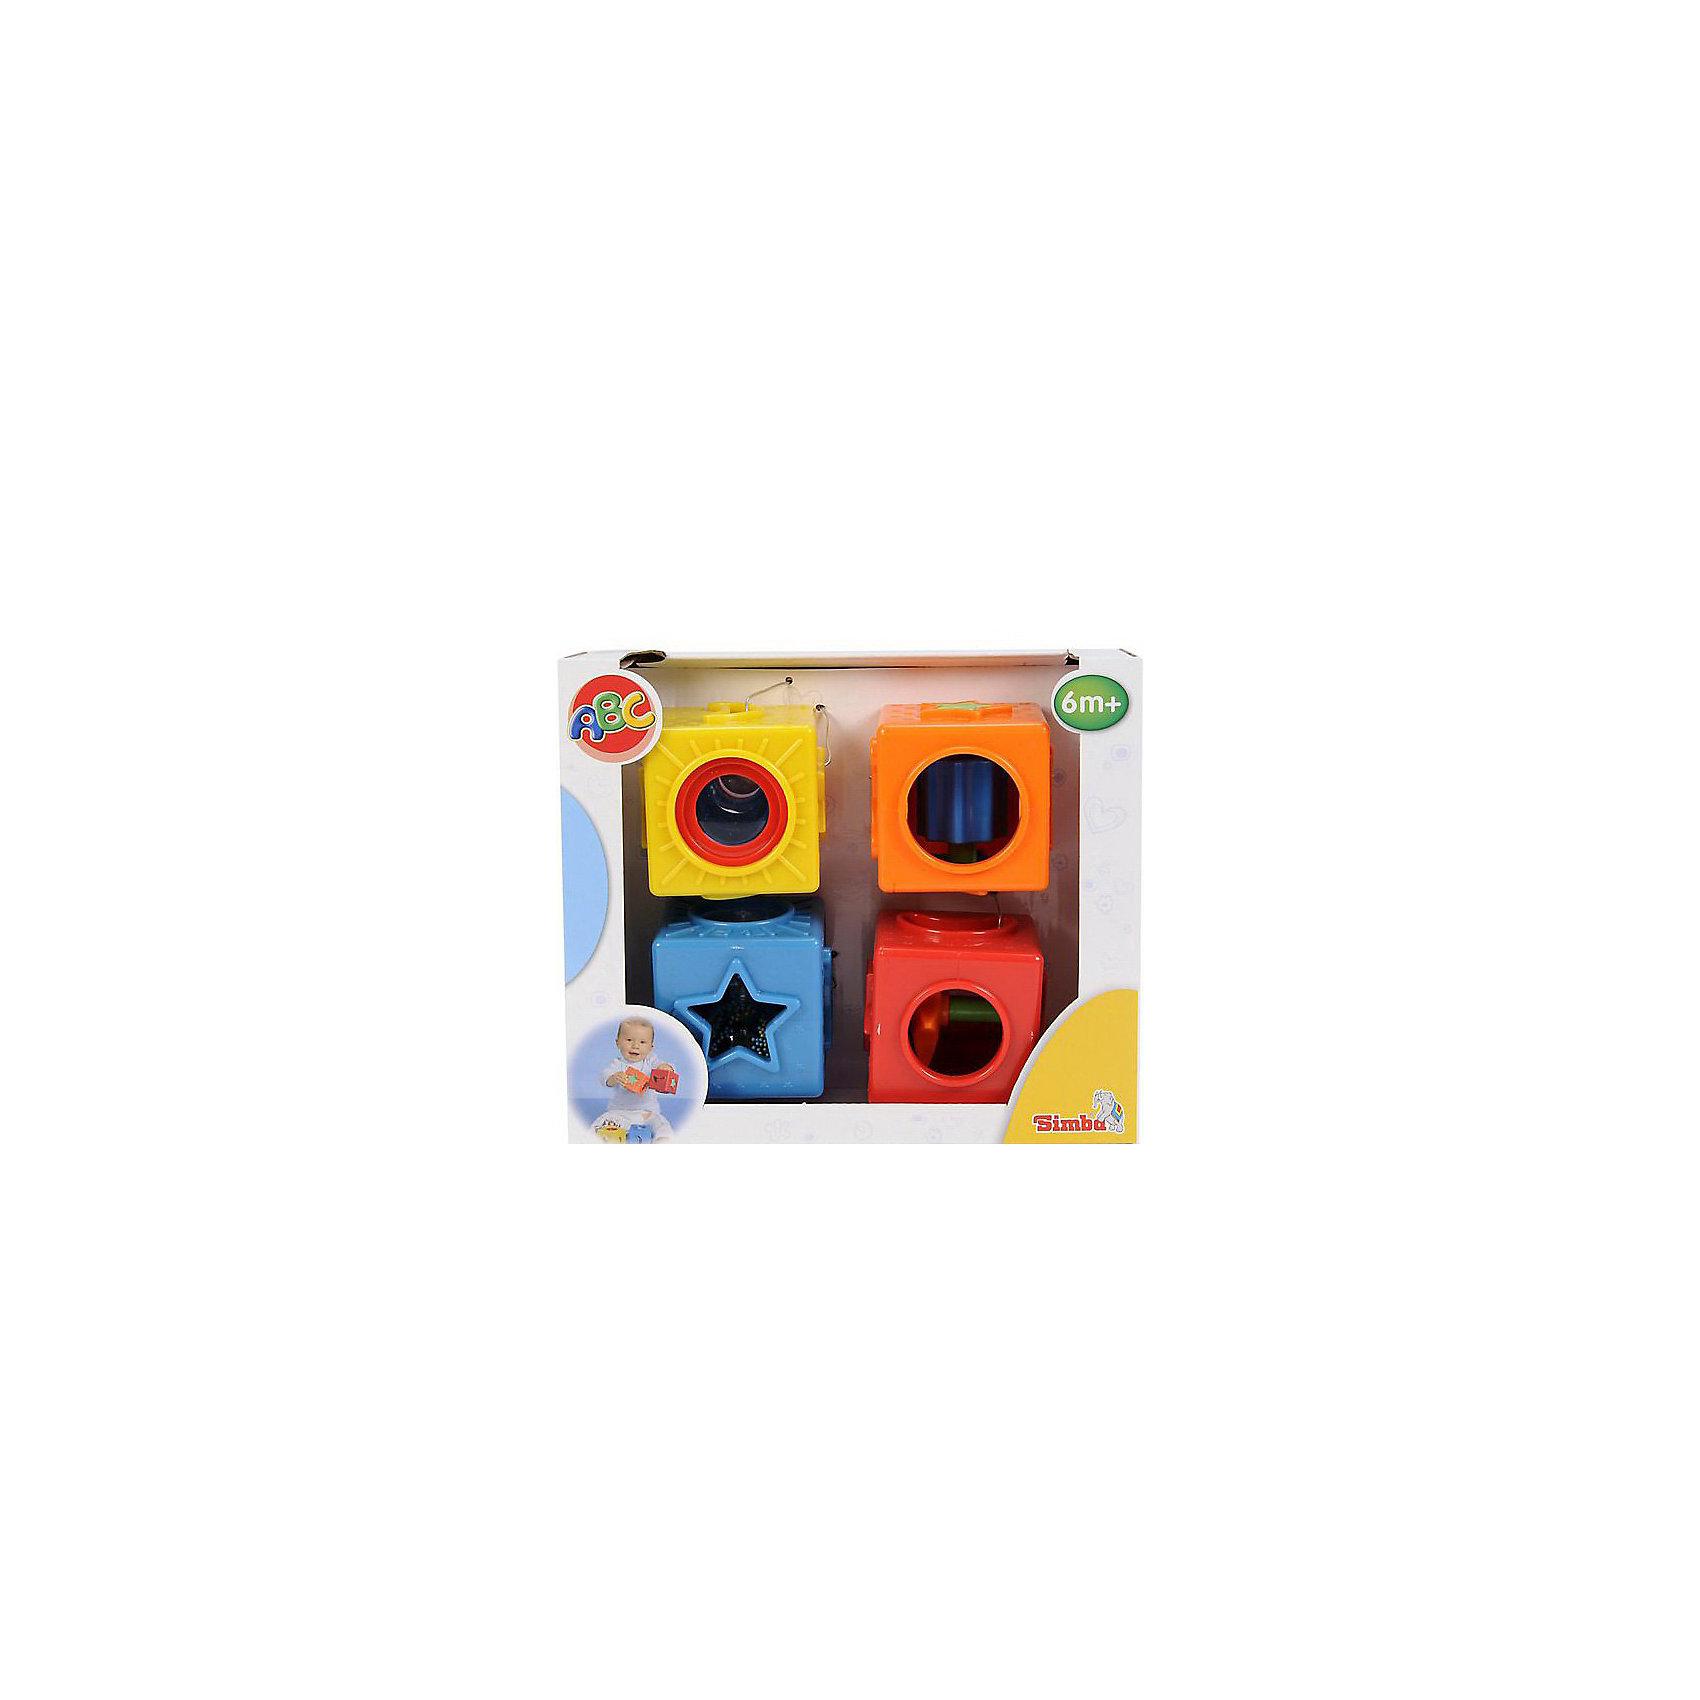 Развивающие кубики, SimbaХарактеристики:<br><br>• количество в комплекте: 4 кубика;<br>• сторона кубика: 7 см;<br>• размер упаковки: 24х9х20 см;<br>• вес: 590 г.<br><br>Развивающие кубики для самых маленьких содержат в себе различные головоломки для малышей. Внутри кубиков имеются встроенные барабаны, трещотки, контейнеры с шариками. Малыш изучает цвета и формы, знакомится с рельефами и выпуклостями. В процессе игры развивается логическое мышление, причинно-следственные связи, координация движений. <br><br>Развивающие кубики, Simba можно купить в нашем магазине.<br><br>Ширина мм: 235<br>Глубина мм: 200<br>Высота мм: 940<br>Вес г: 1080<br>Возраст от месяцев: 0<br>Возраст до месяцев: 1188<br>Пол: Унисекс<br>Возраст: Детский<br>SKU: 2497500